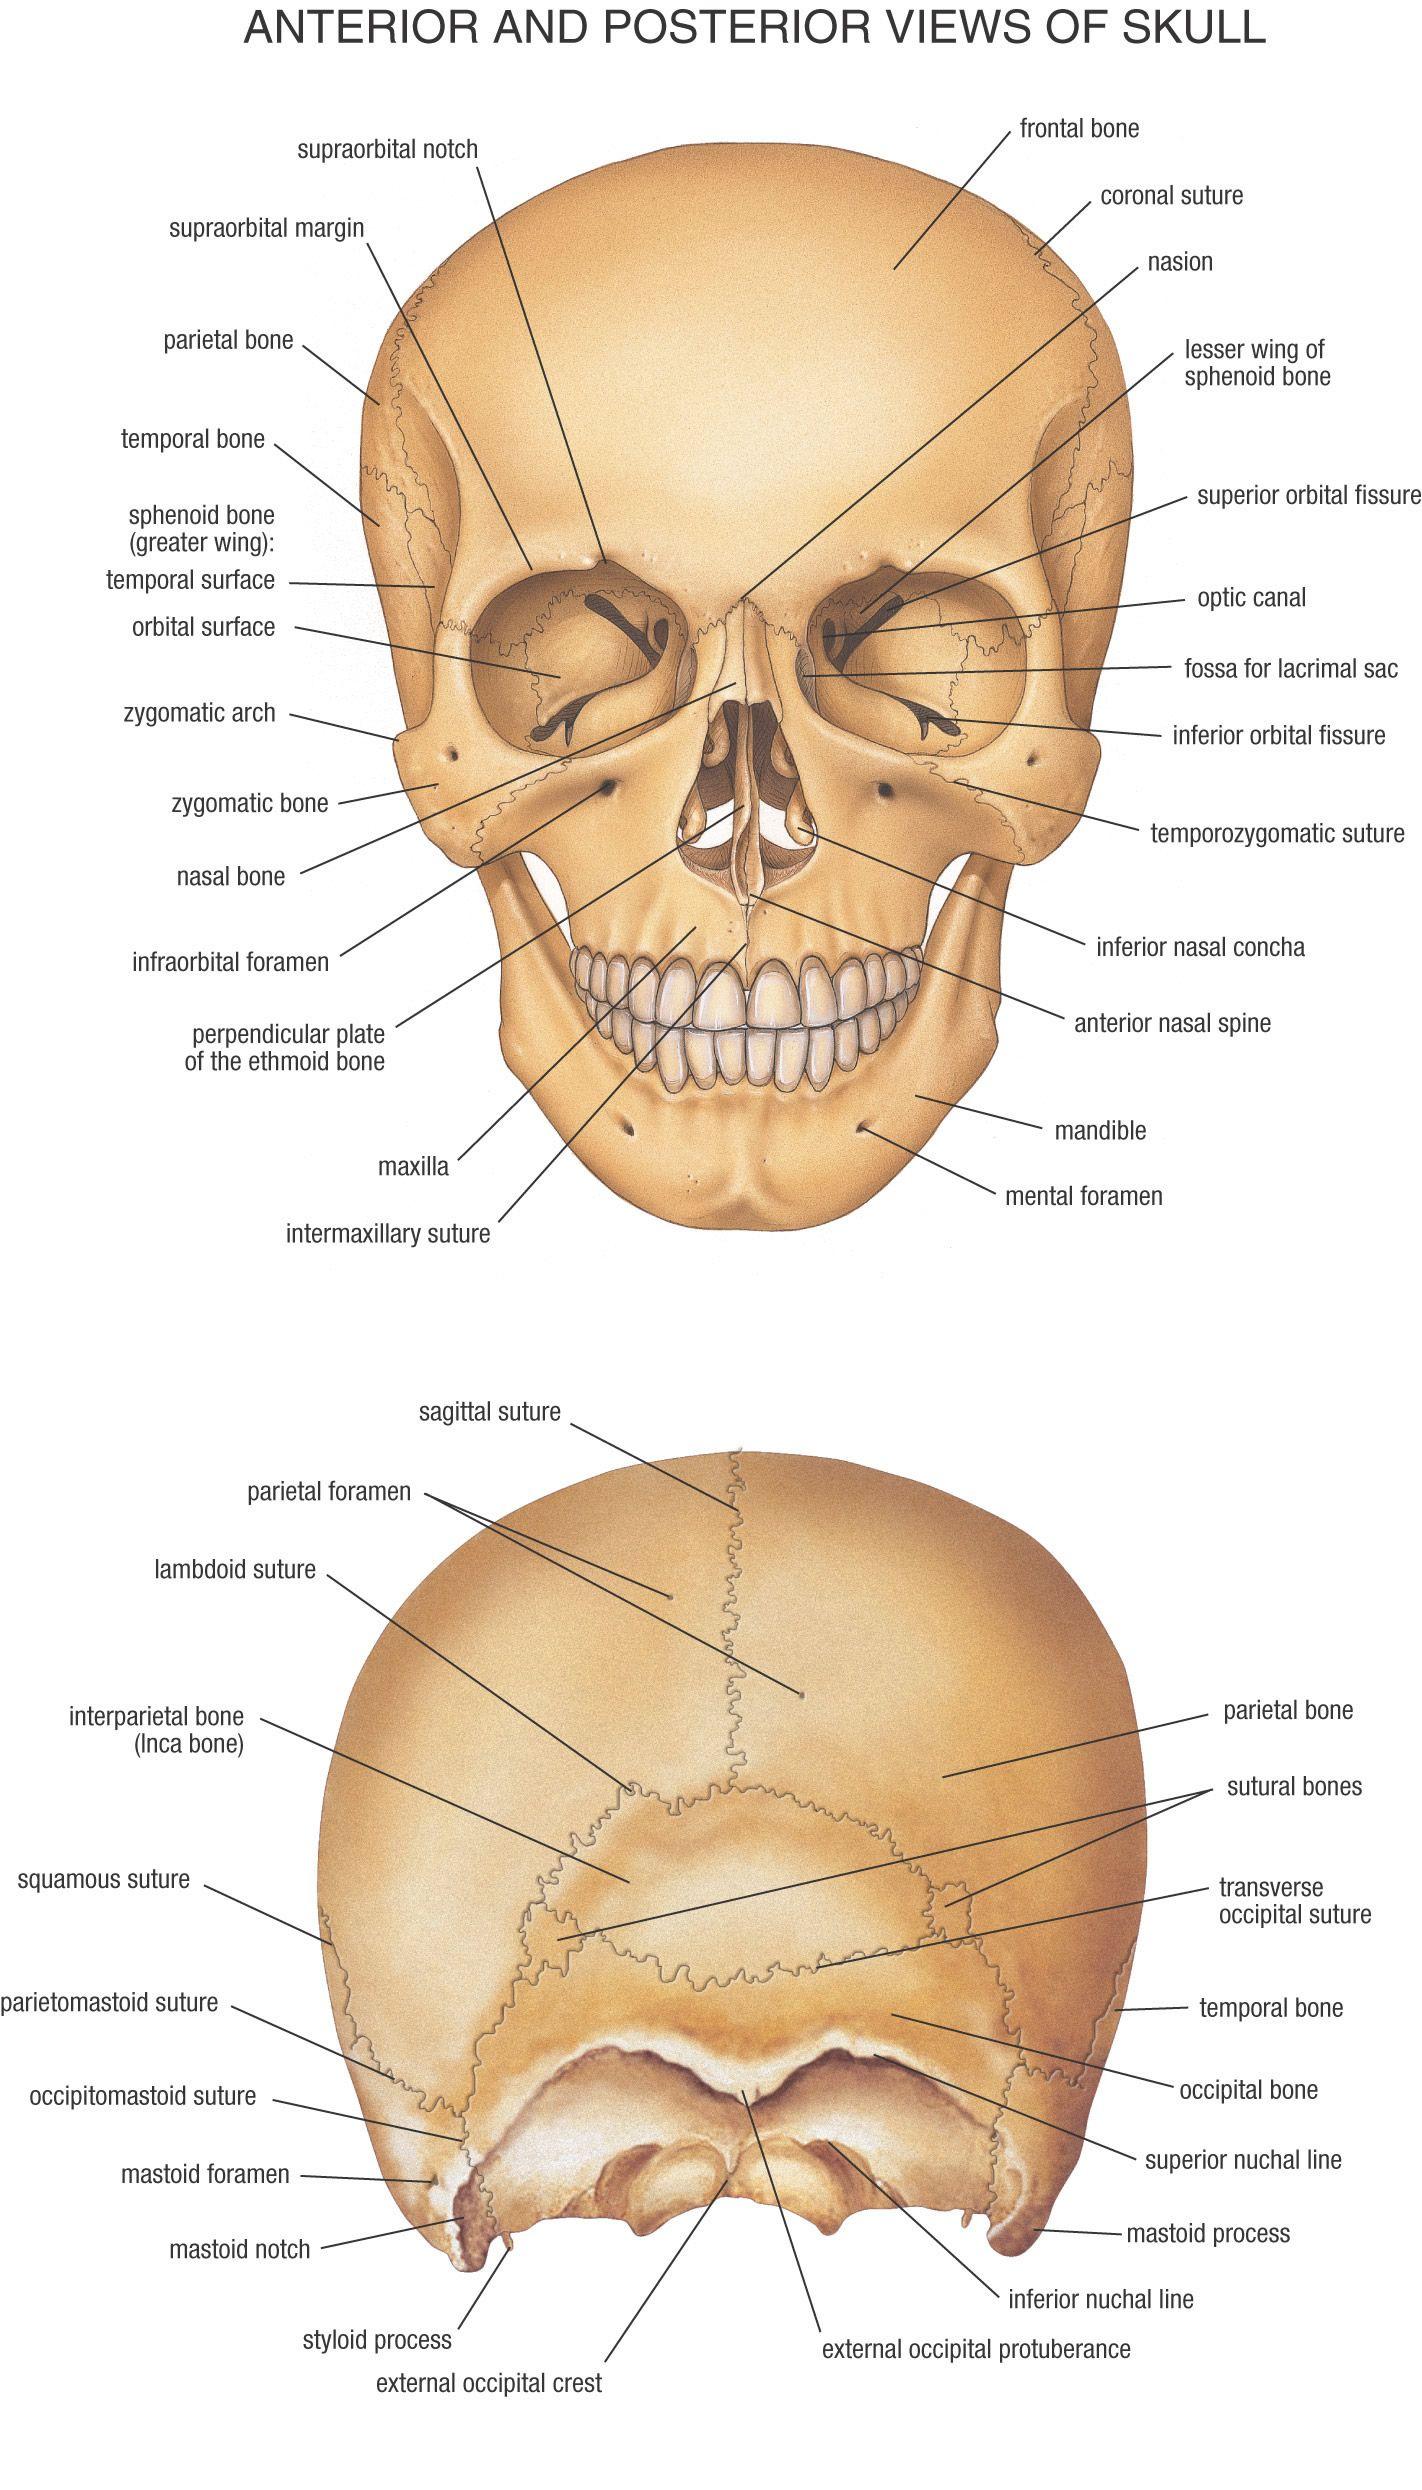 medium resolution of hb anatomy skull